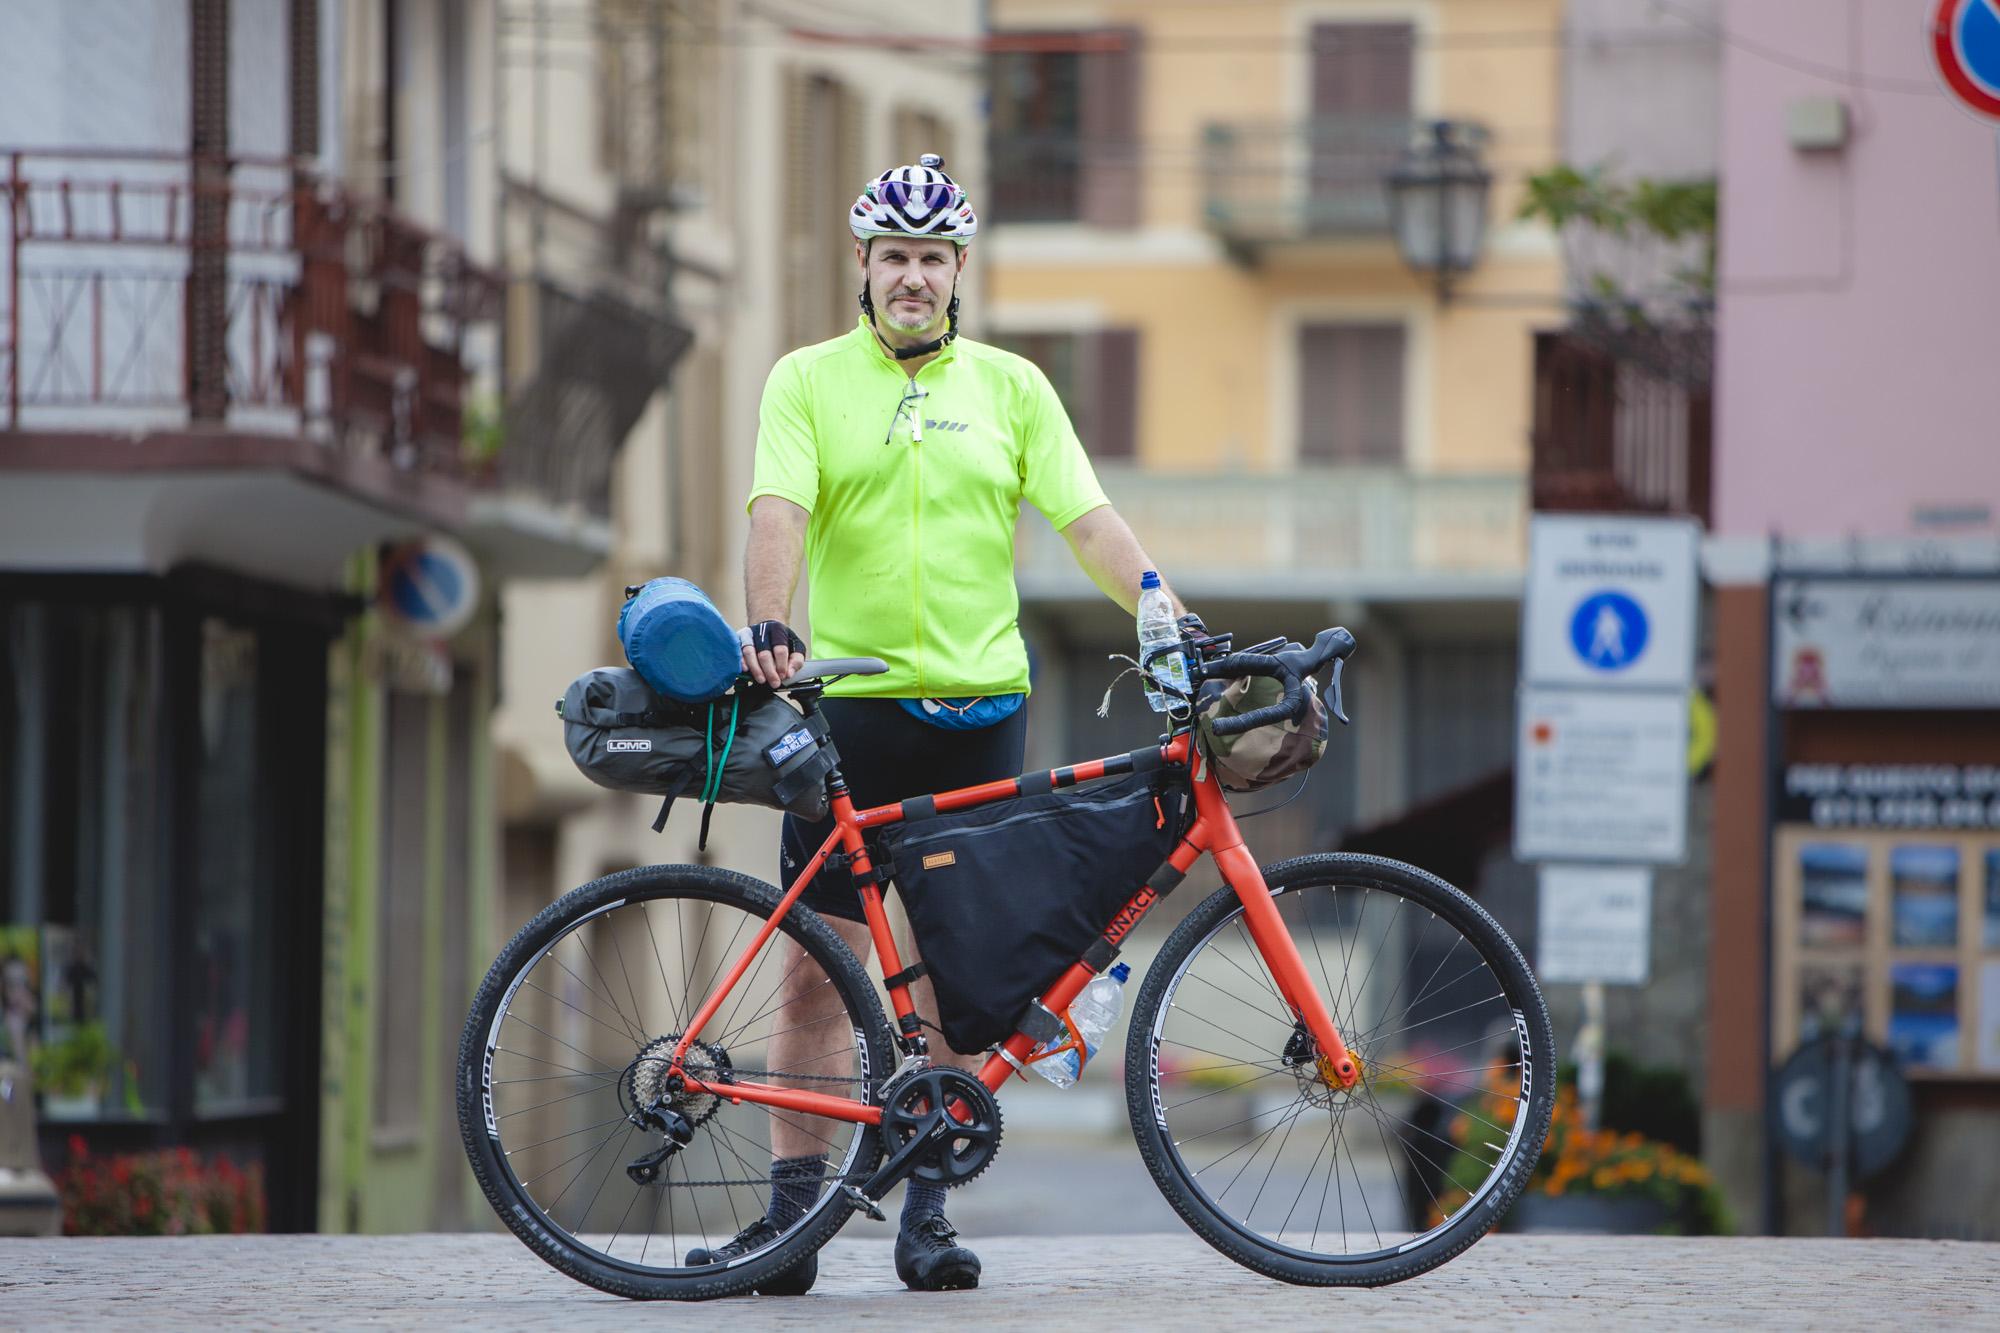 Torino-Nice Rally bikepacker